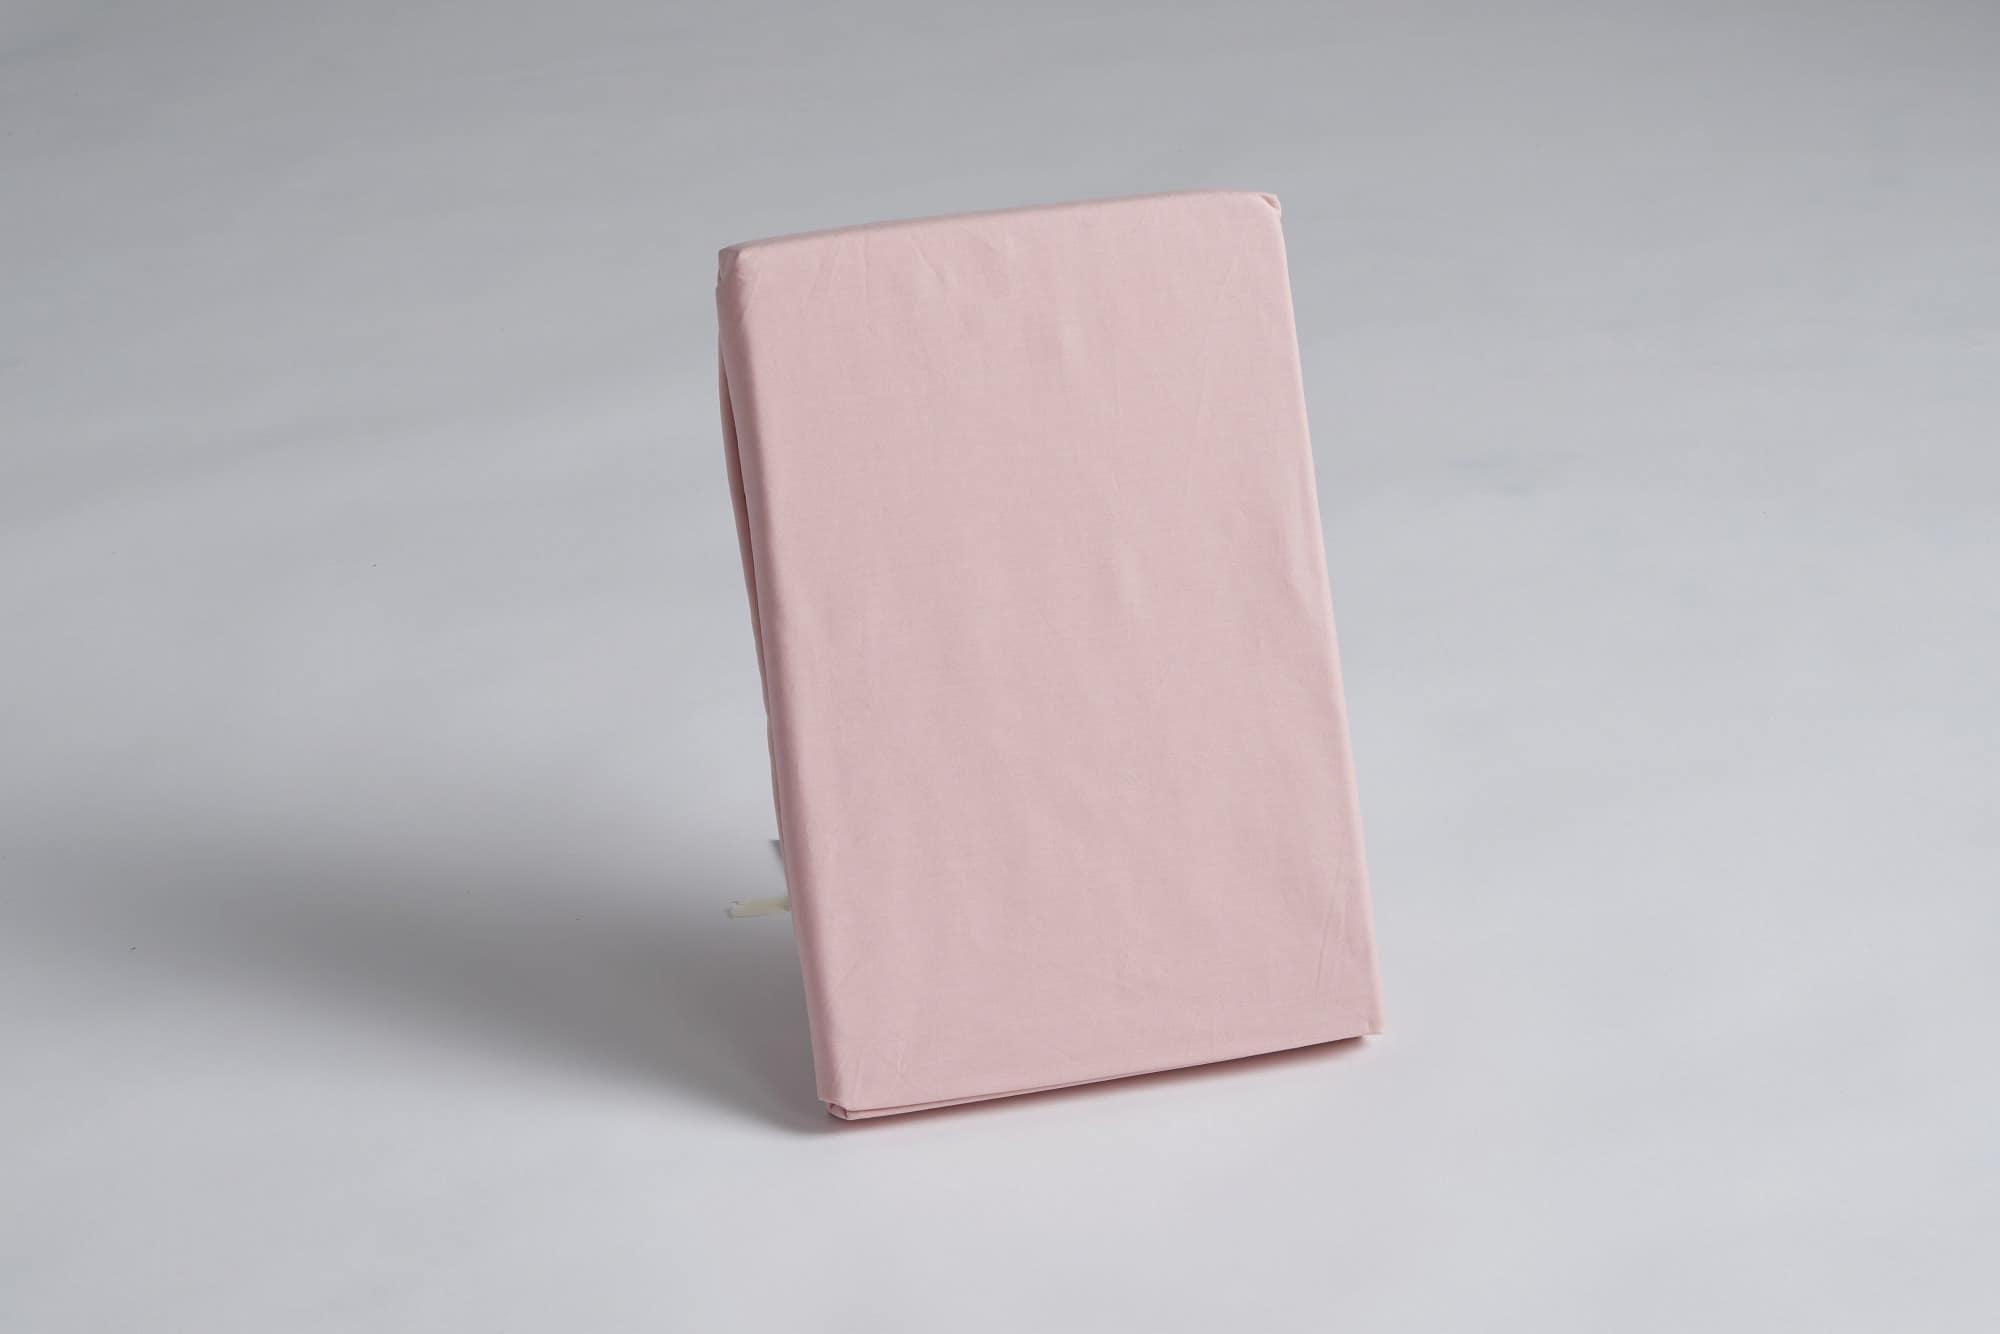 ボックスシーツ ダブル用 36H ピンク:《綿100%を使用したボックスシーツ》